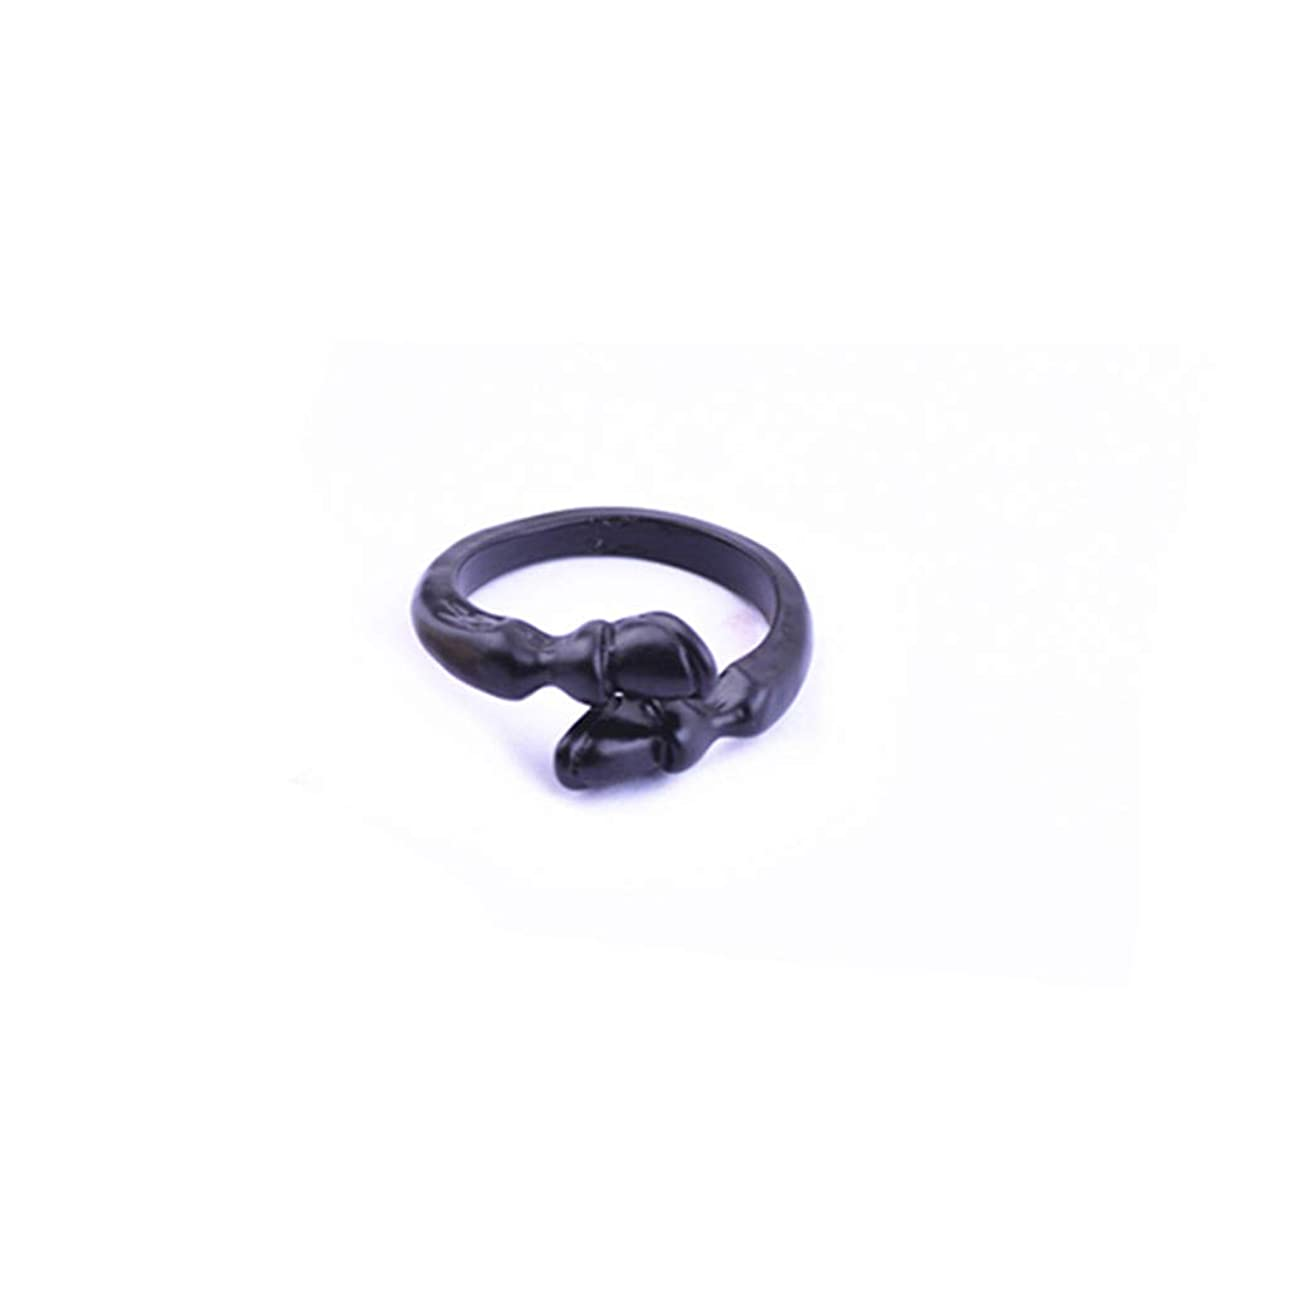 定義するベル従事するLoveAloe 女性の男性のギフト、ブラックゴールドカラーのためのヴィンテージ蹄鉄調節可能なリングパンクスタイルオープンリング